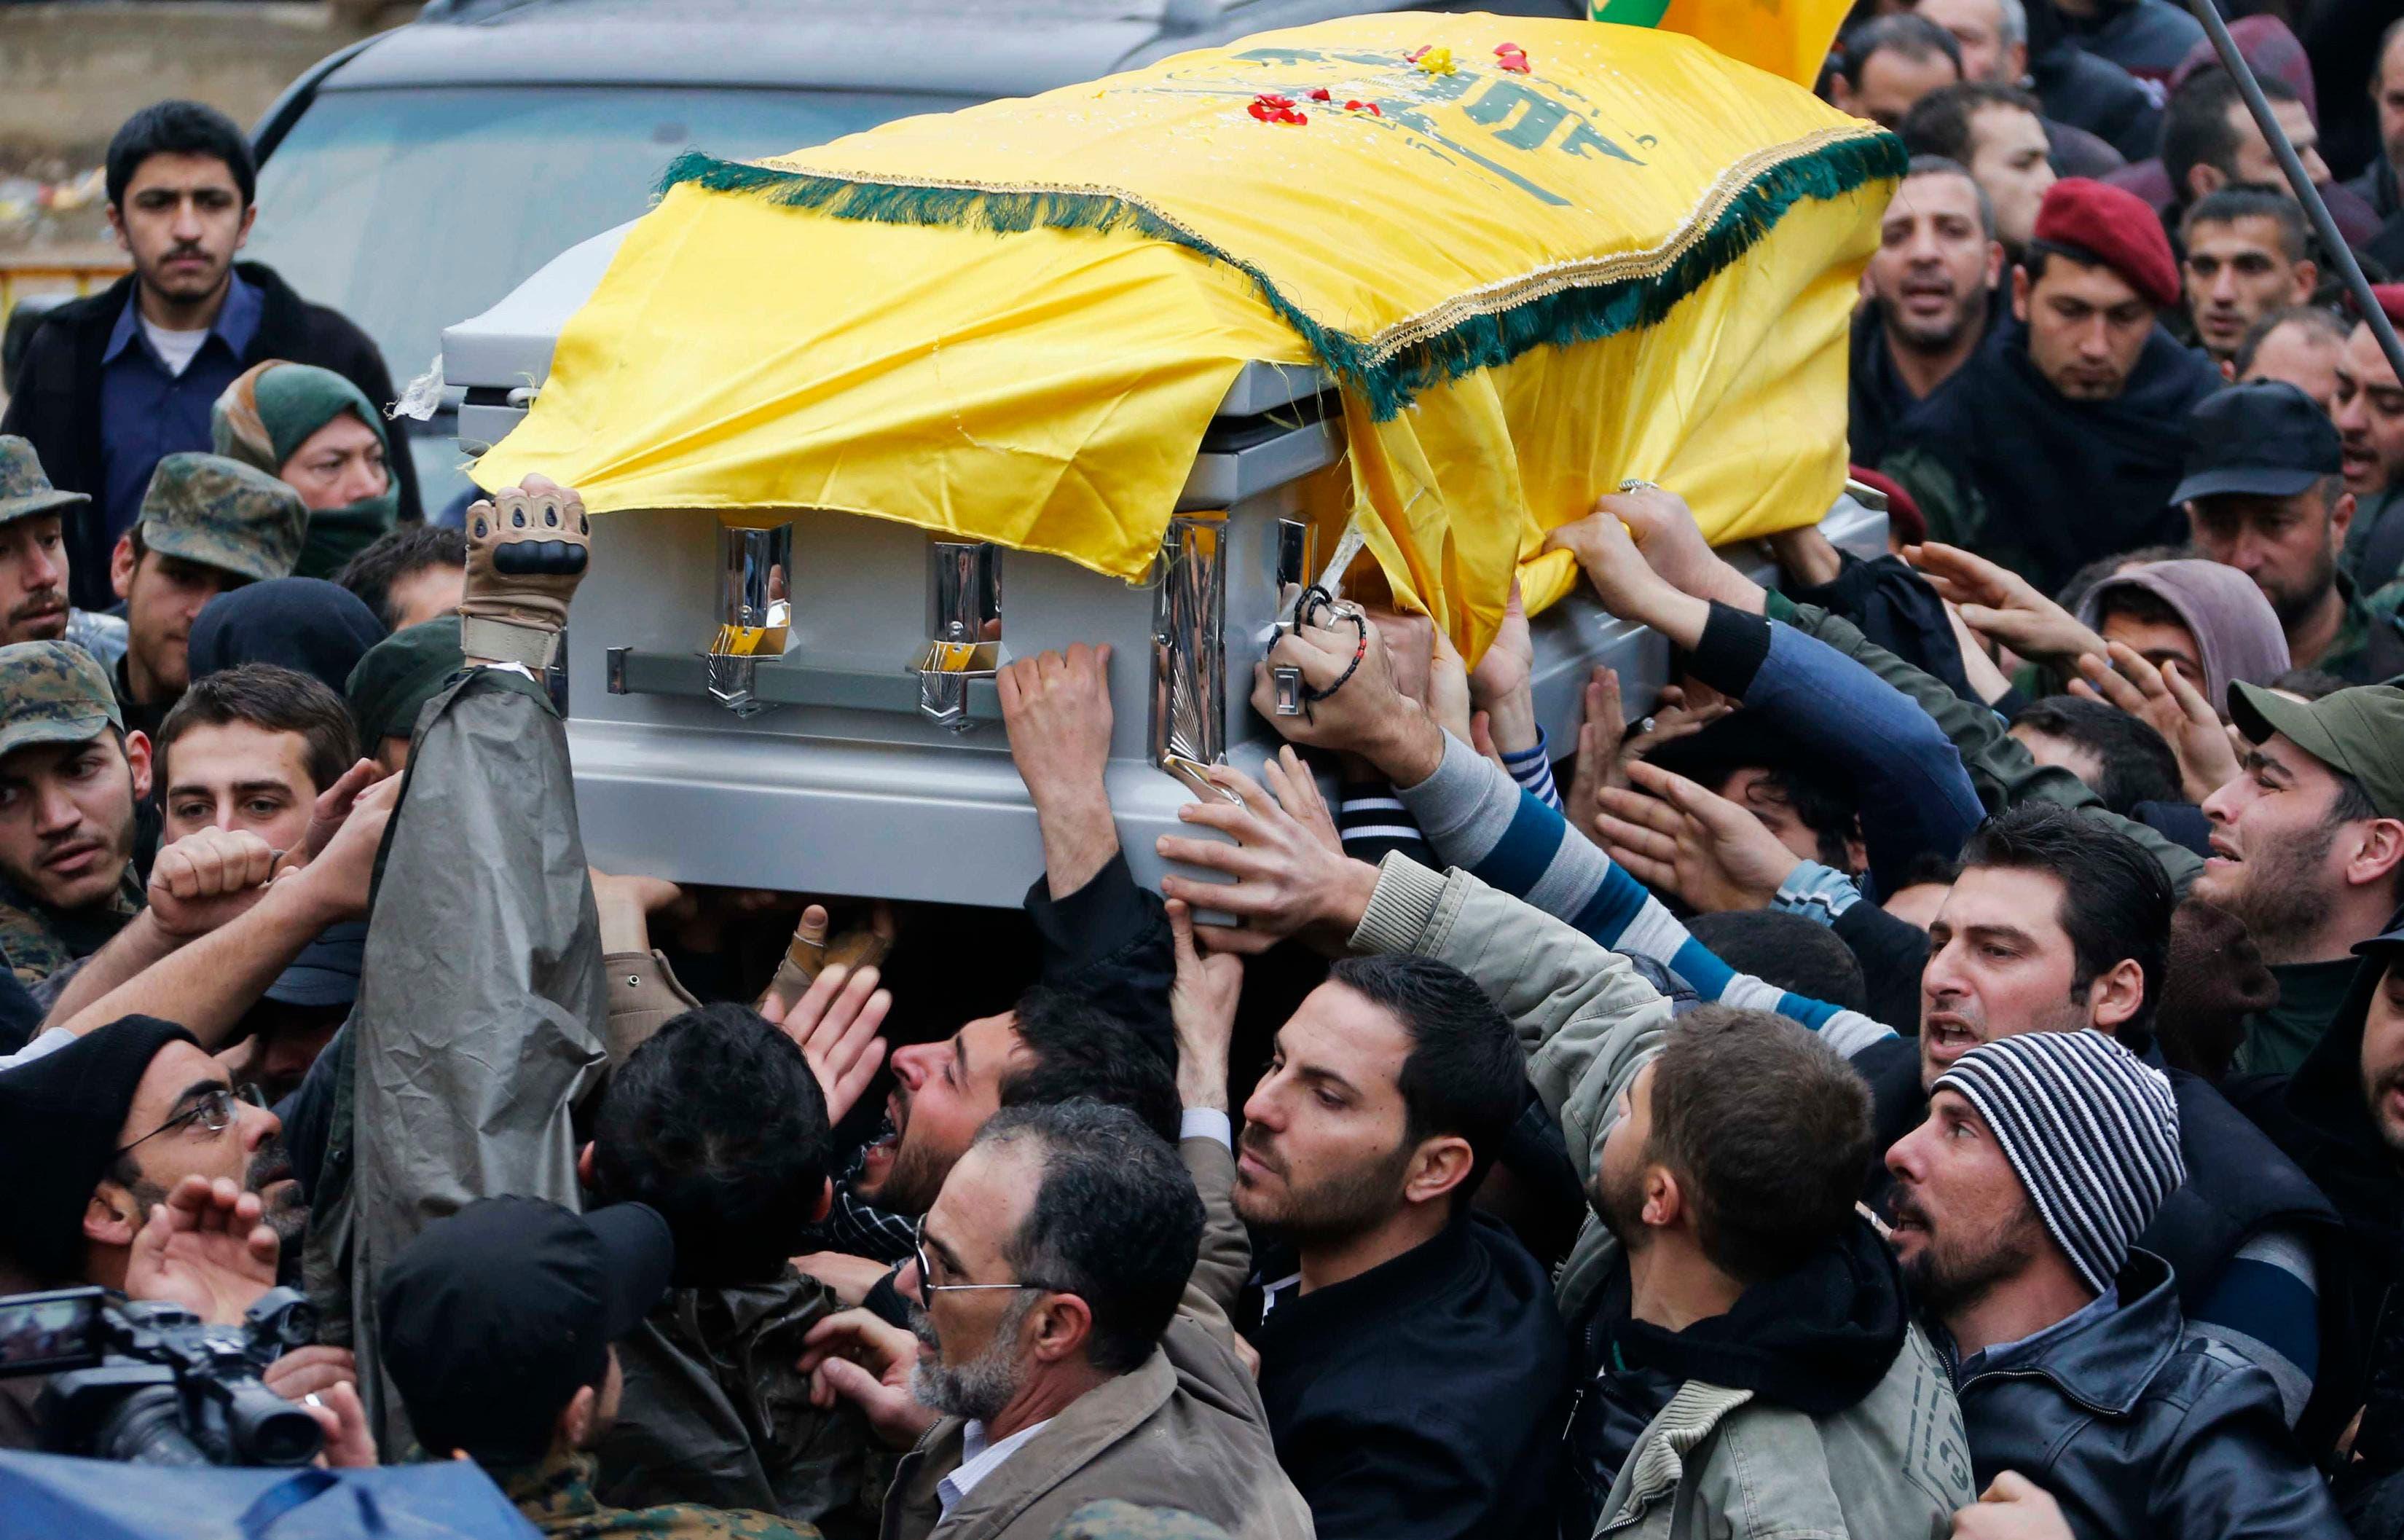 Hundreds attend funeral for slain Hezbollah commander